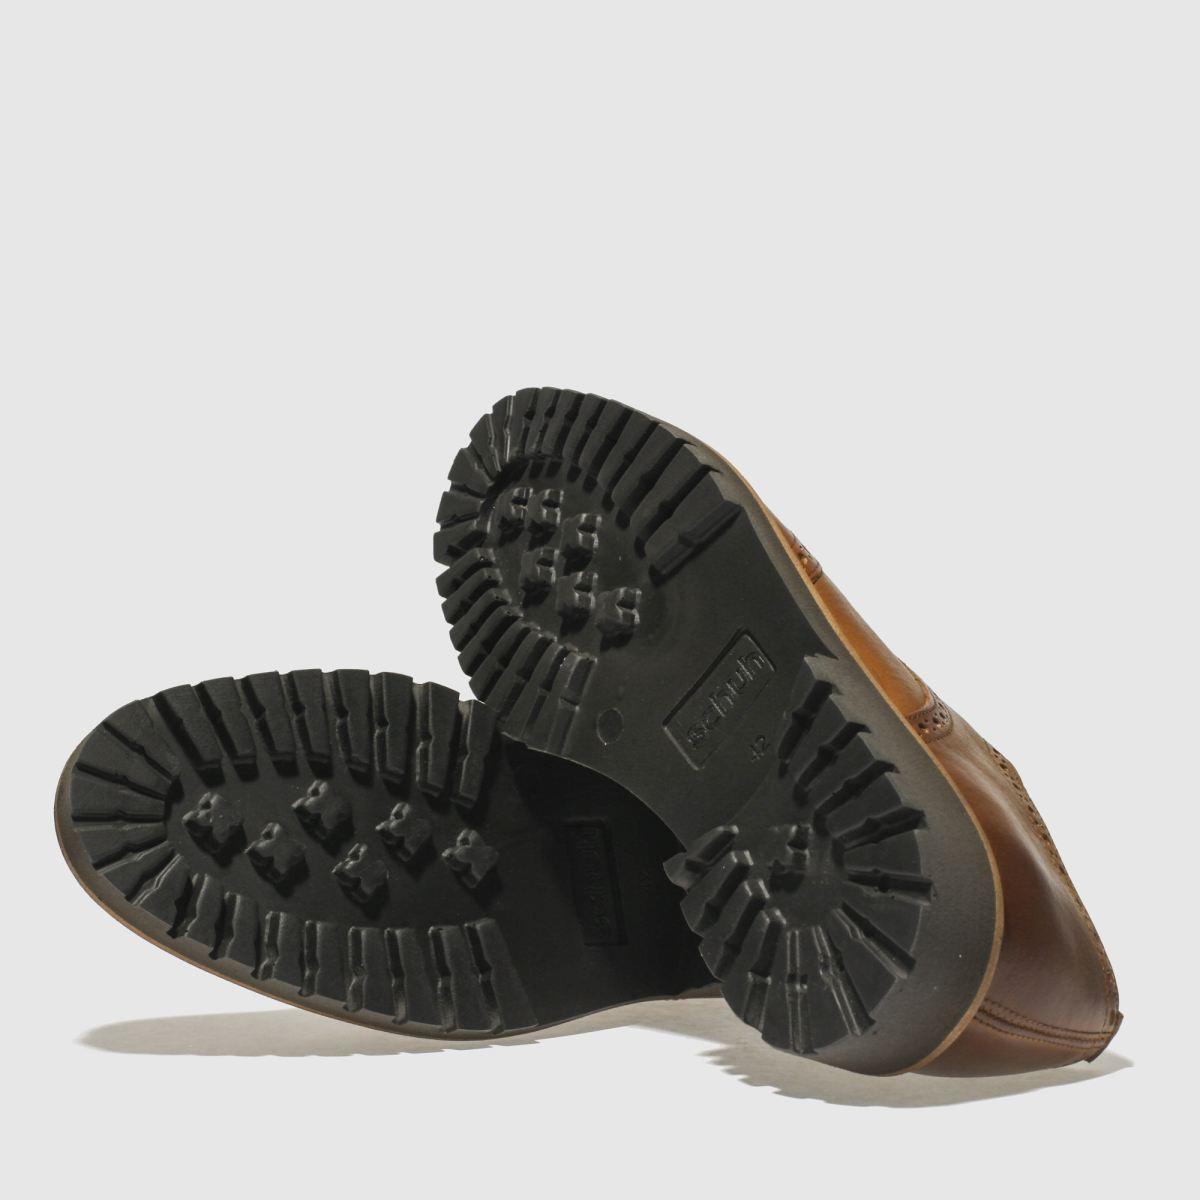 Herren schuh Hellbraun schuh Bishop Schuhe | schuh Herren Gute Qualität beliebte Schuhe f3b973